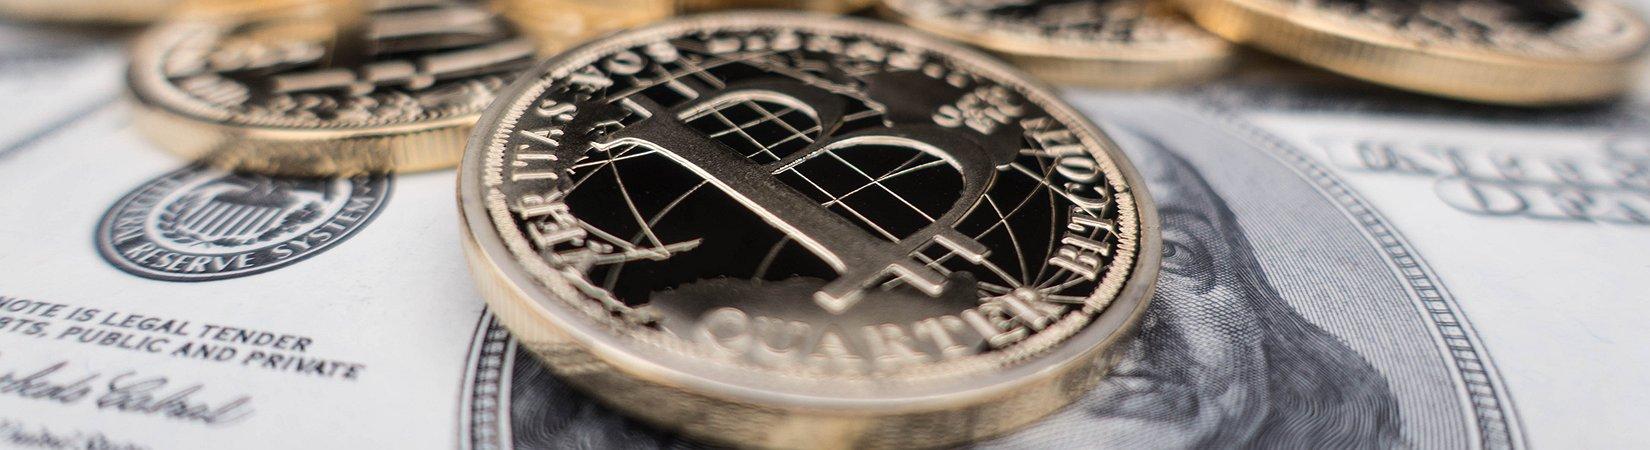 Como comprar bitcoins no seu país